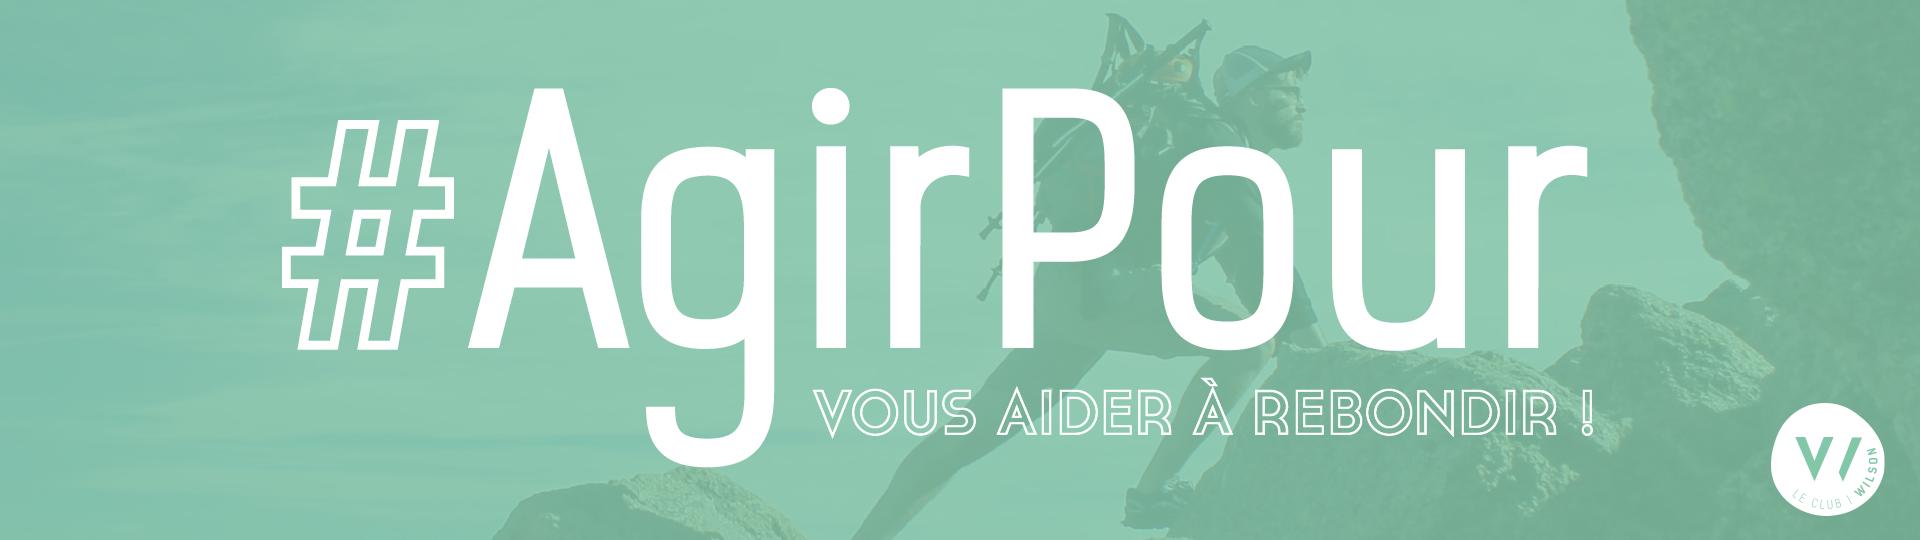 Bannière AgirPour